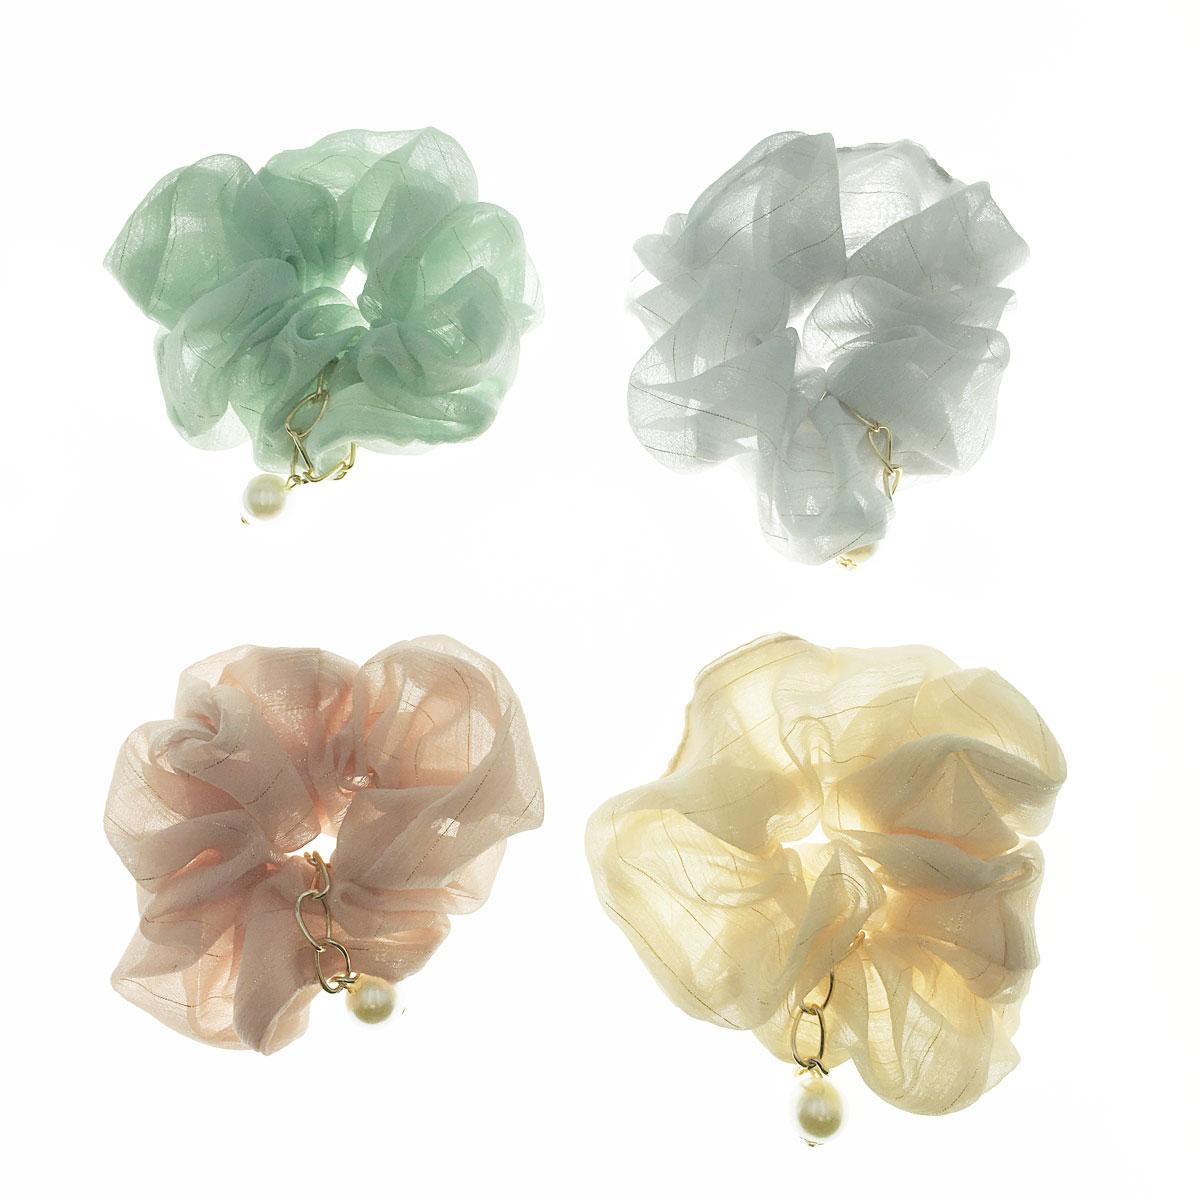 韓國 珍珠 鍊子 金線 四色 大腸圈 髮圈 髮飾